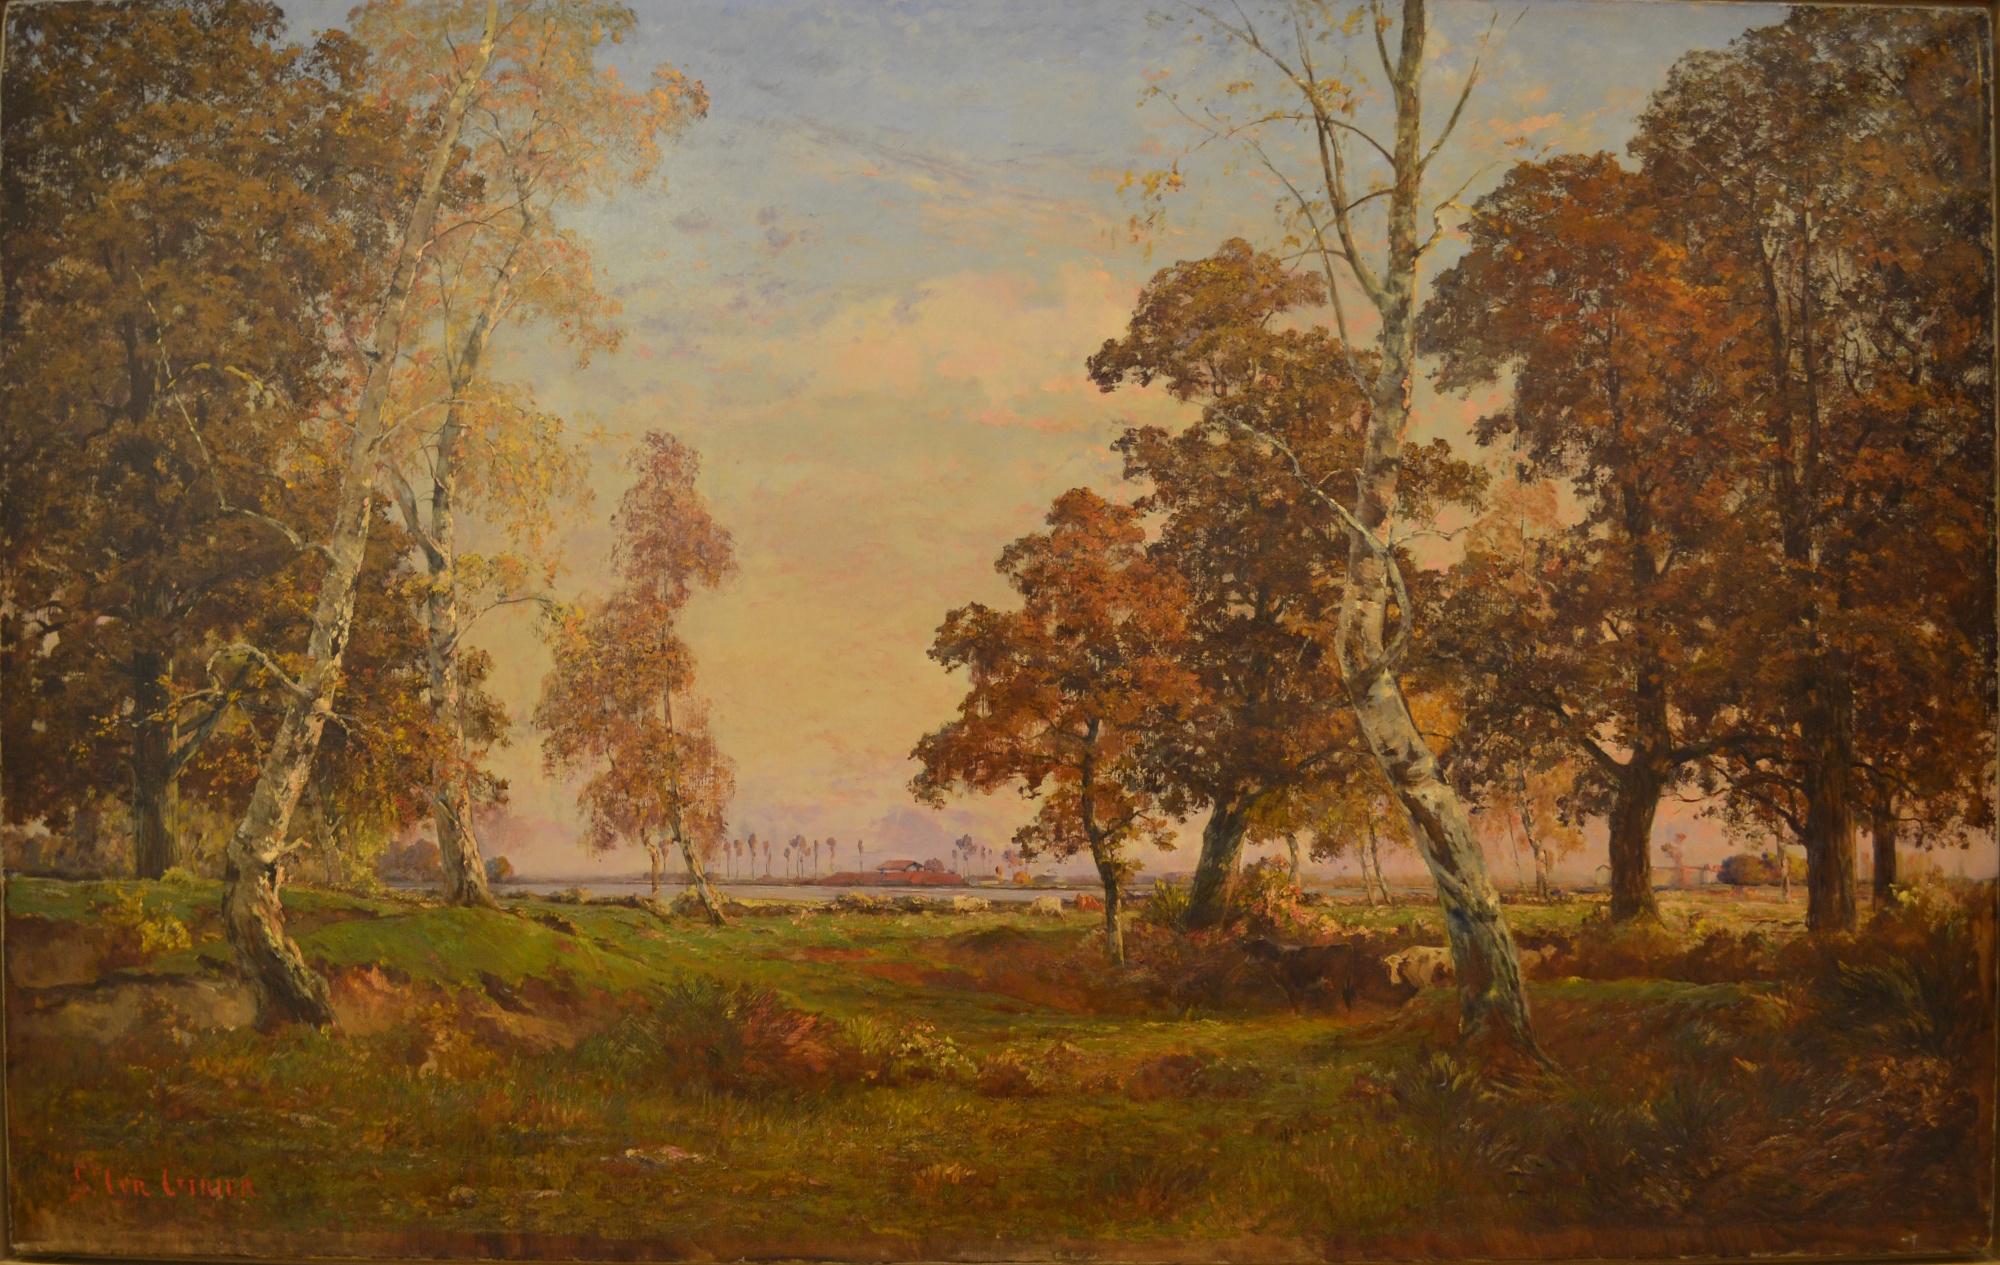 Paysage 2000 en ce qui concerne file:saint-cyr girier, paysage de la dombes à l'automne